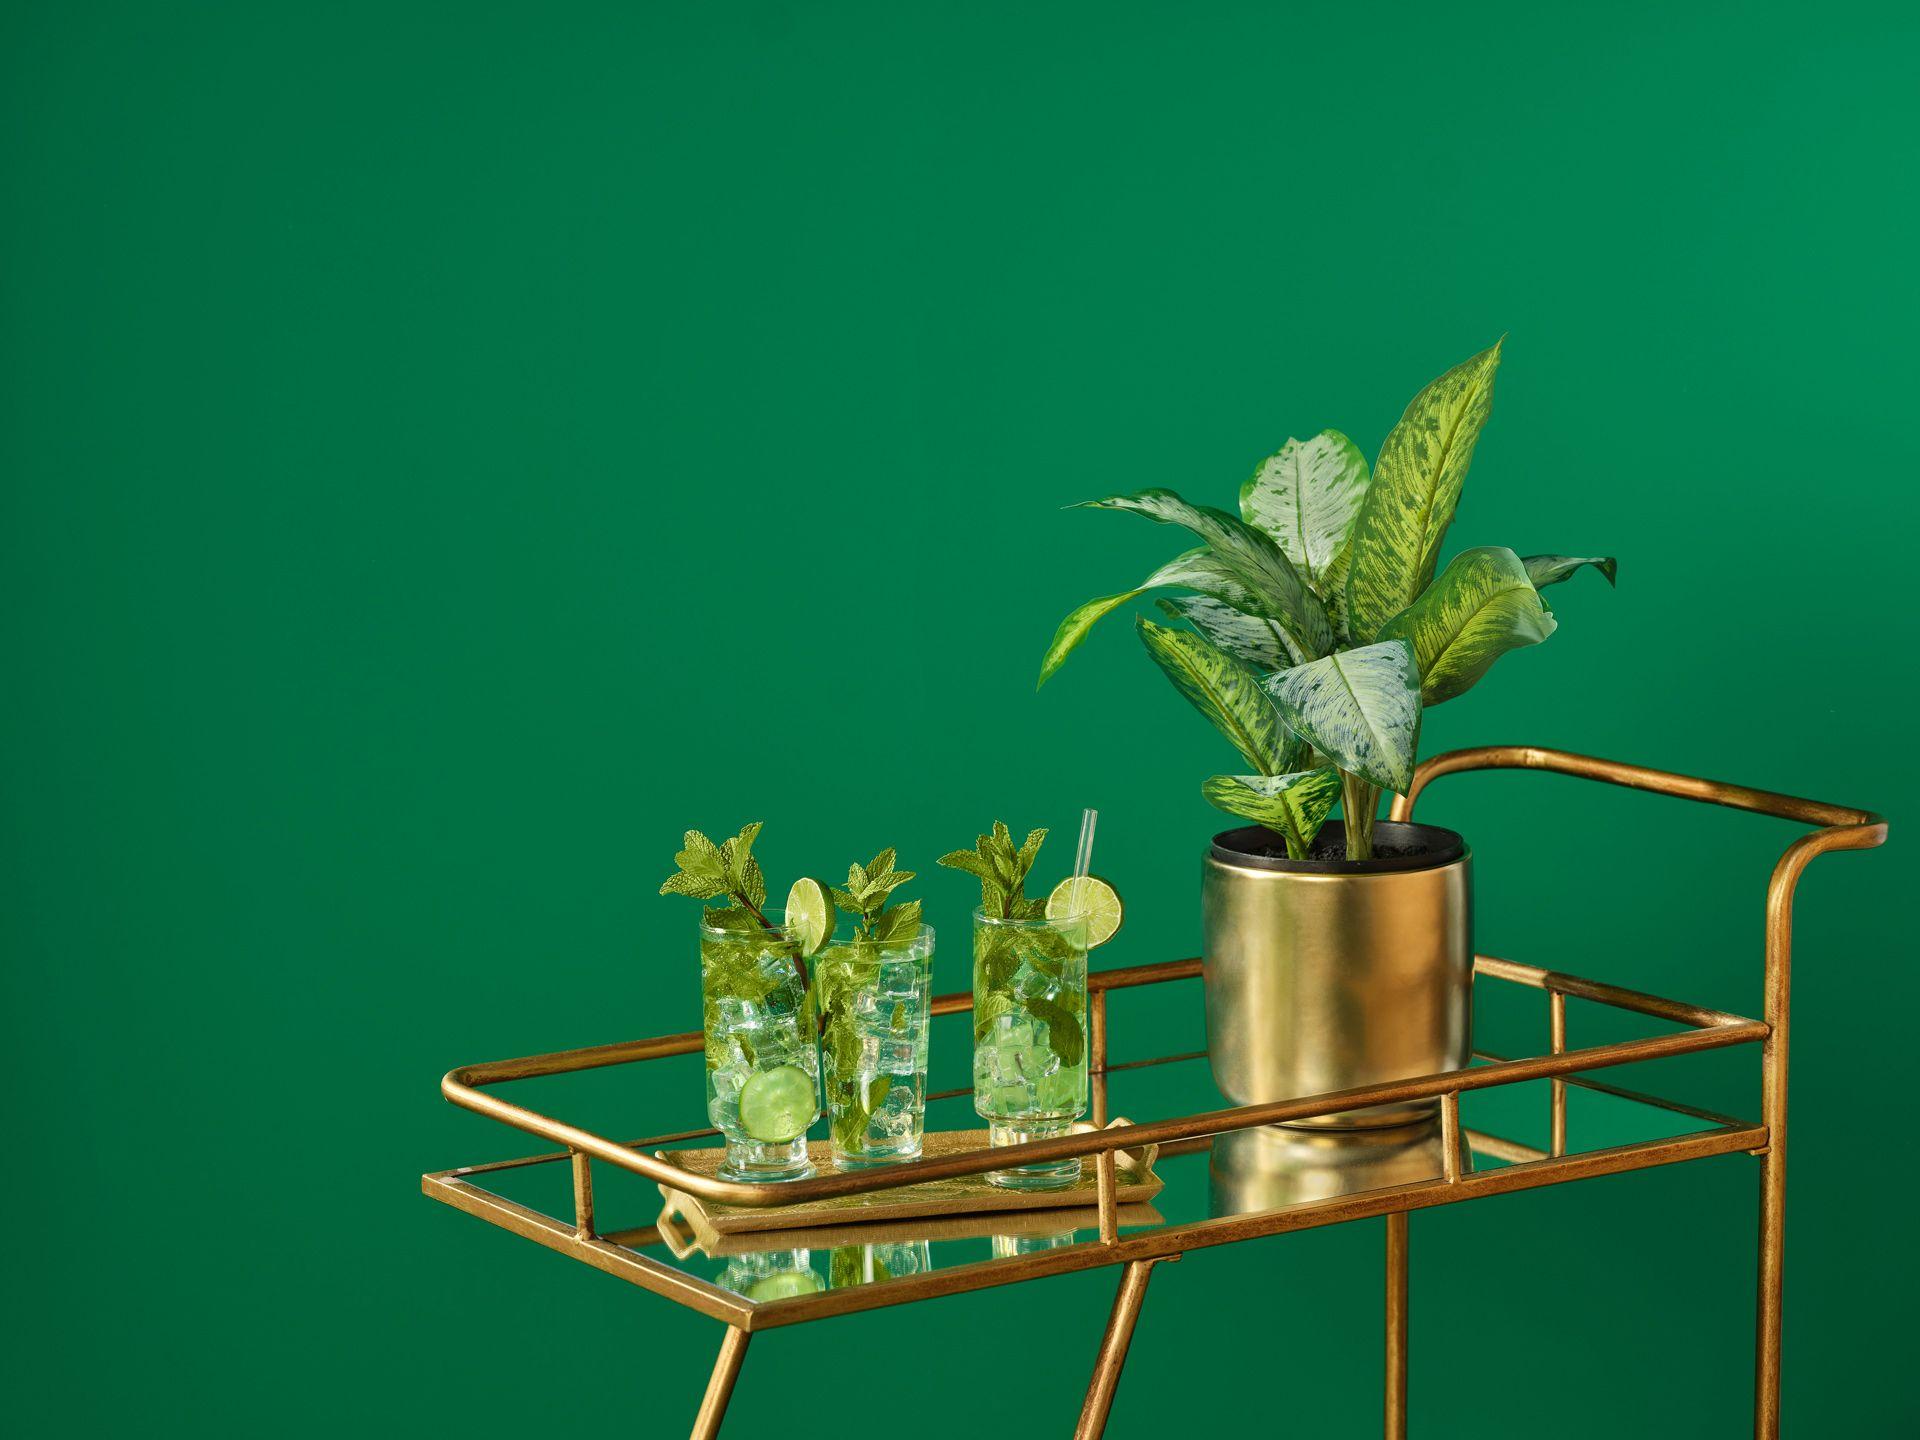 Un chariot de bar doré tient une plante dans un pot doré et trois mojito devant un mur peint en vert.